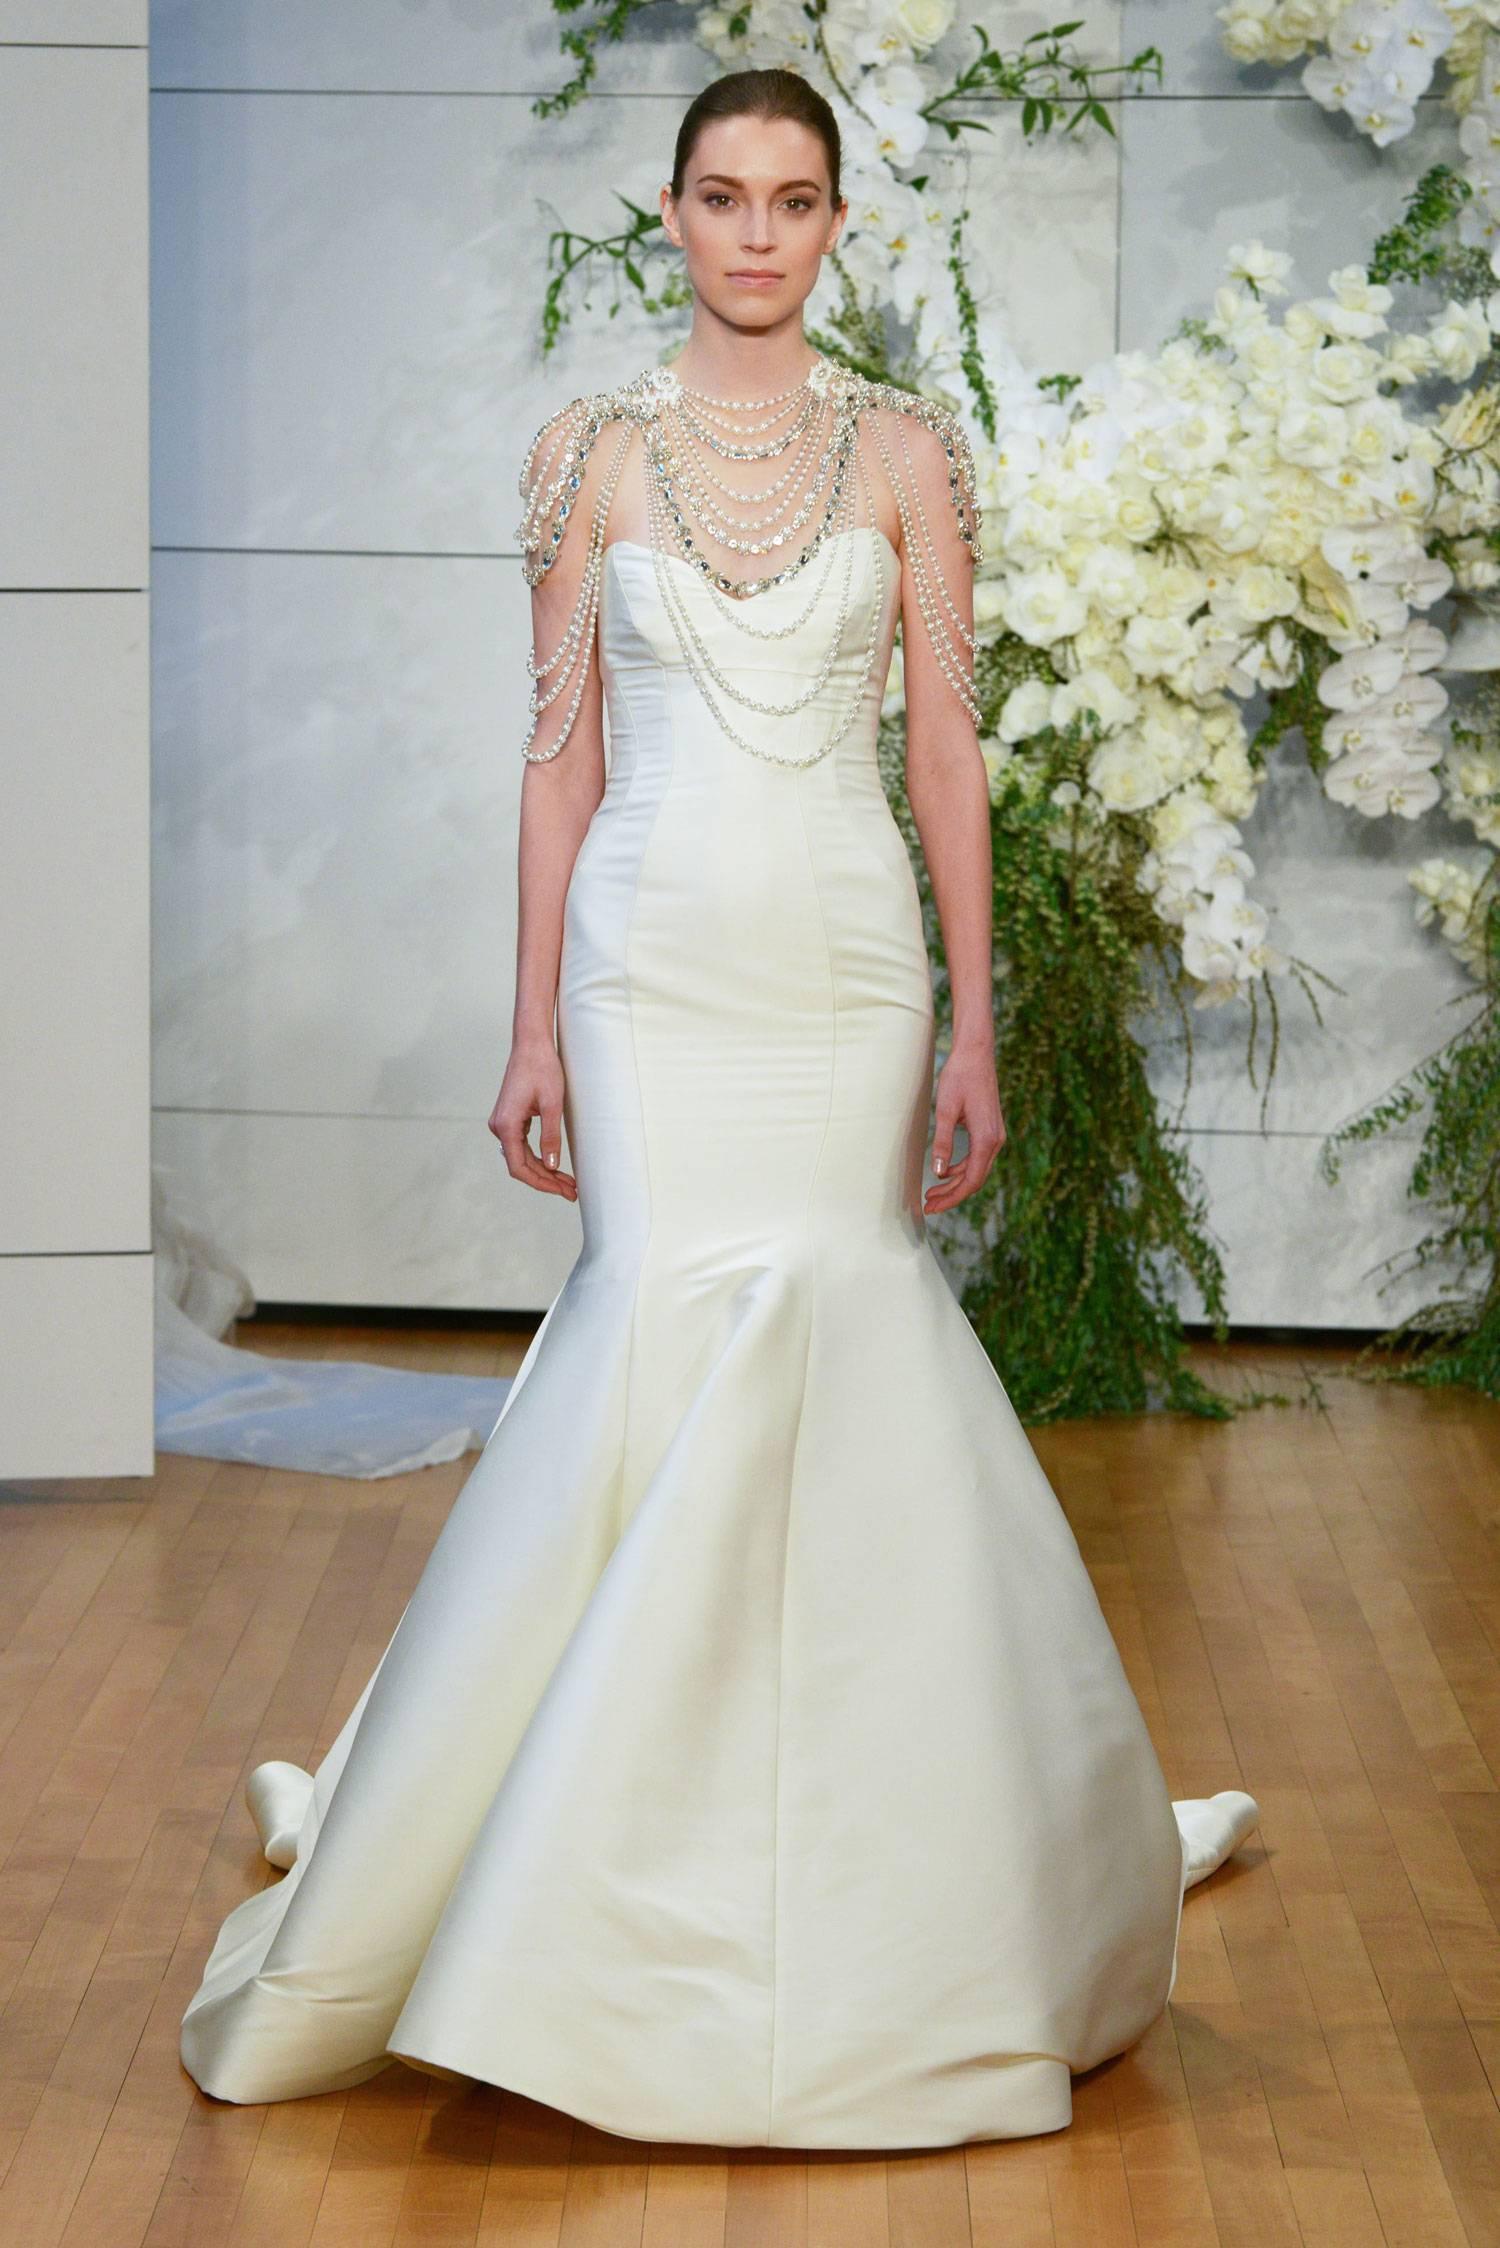 fde5141289c2373 Модные тенденция свадебных платьев 2018: фото трендов